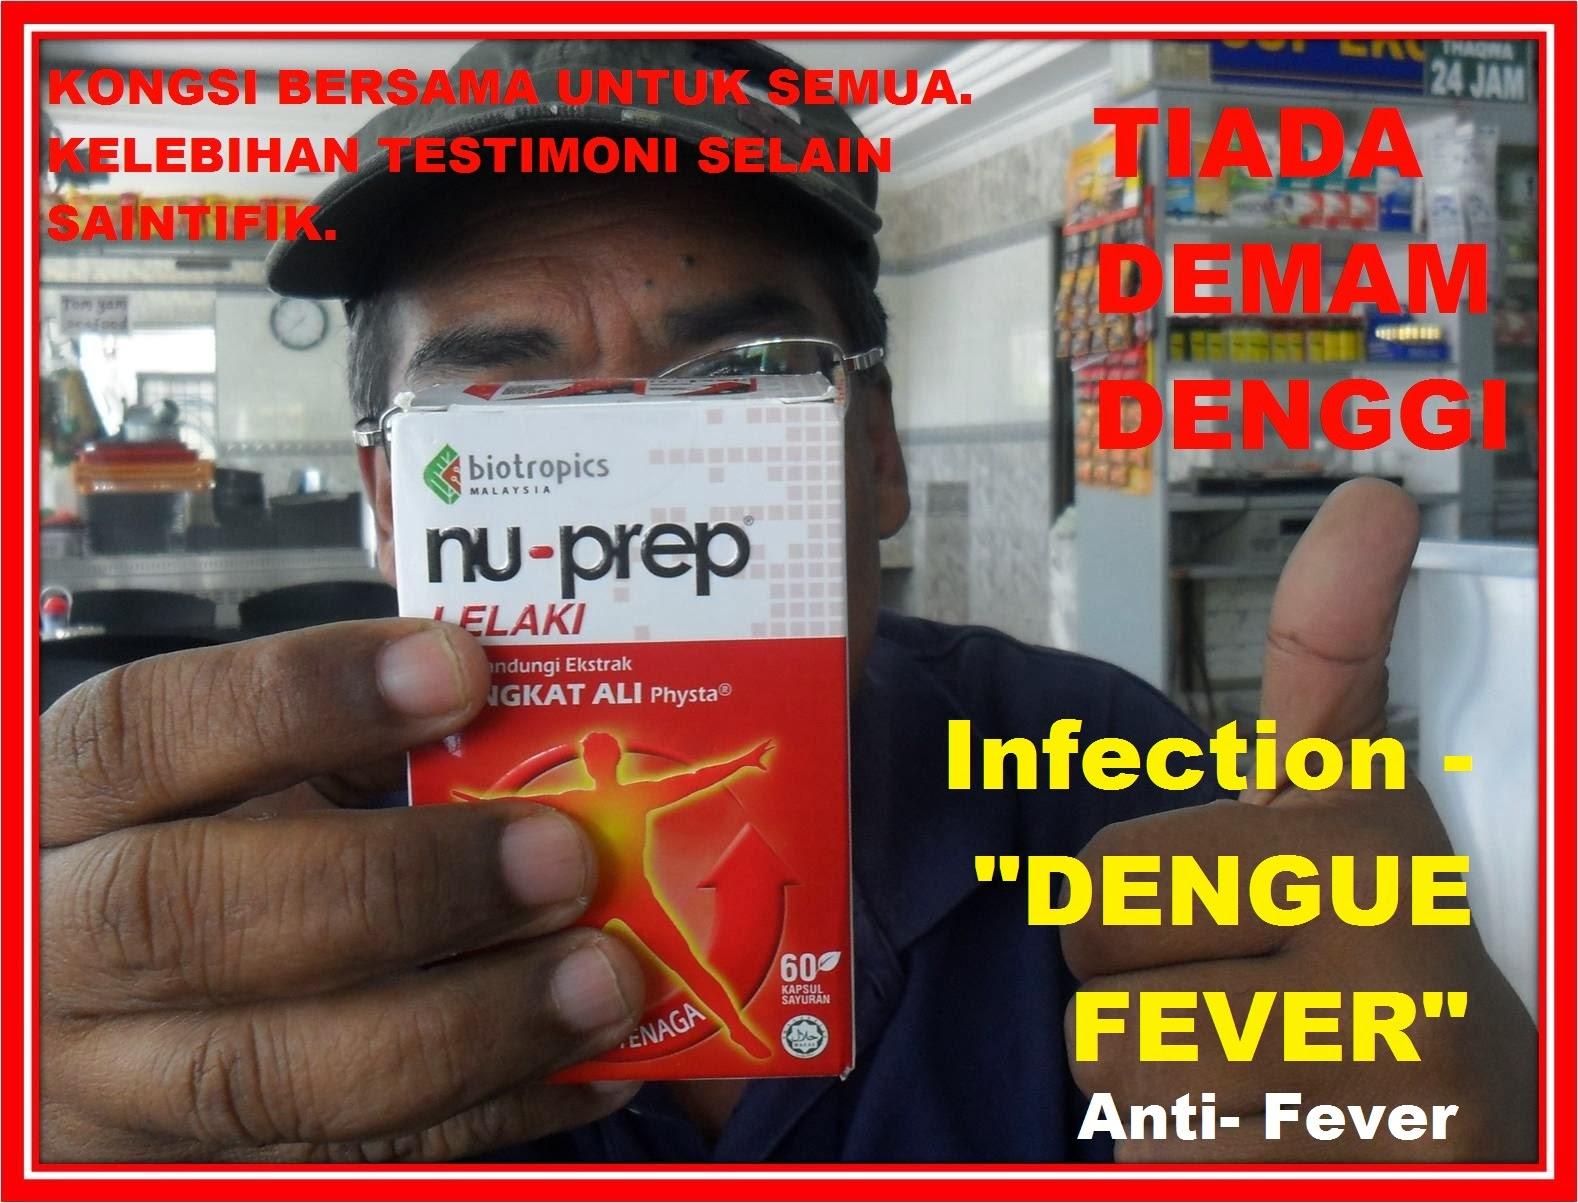 DEMAM DENGGI 'dengue fever' Kelebihan CEPAT Bertenaga Tanpa Bantuan Bahan Terlarng / DADAH